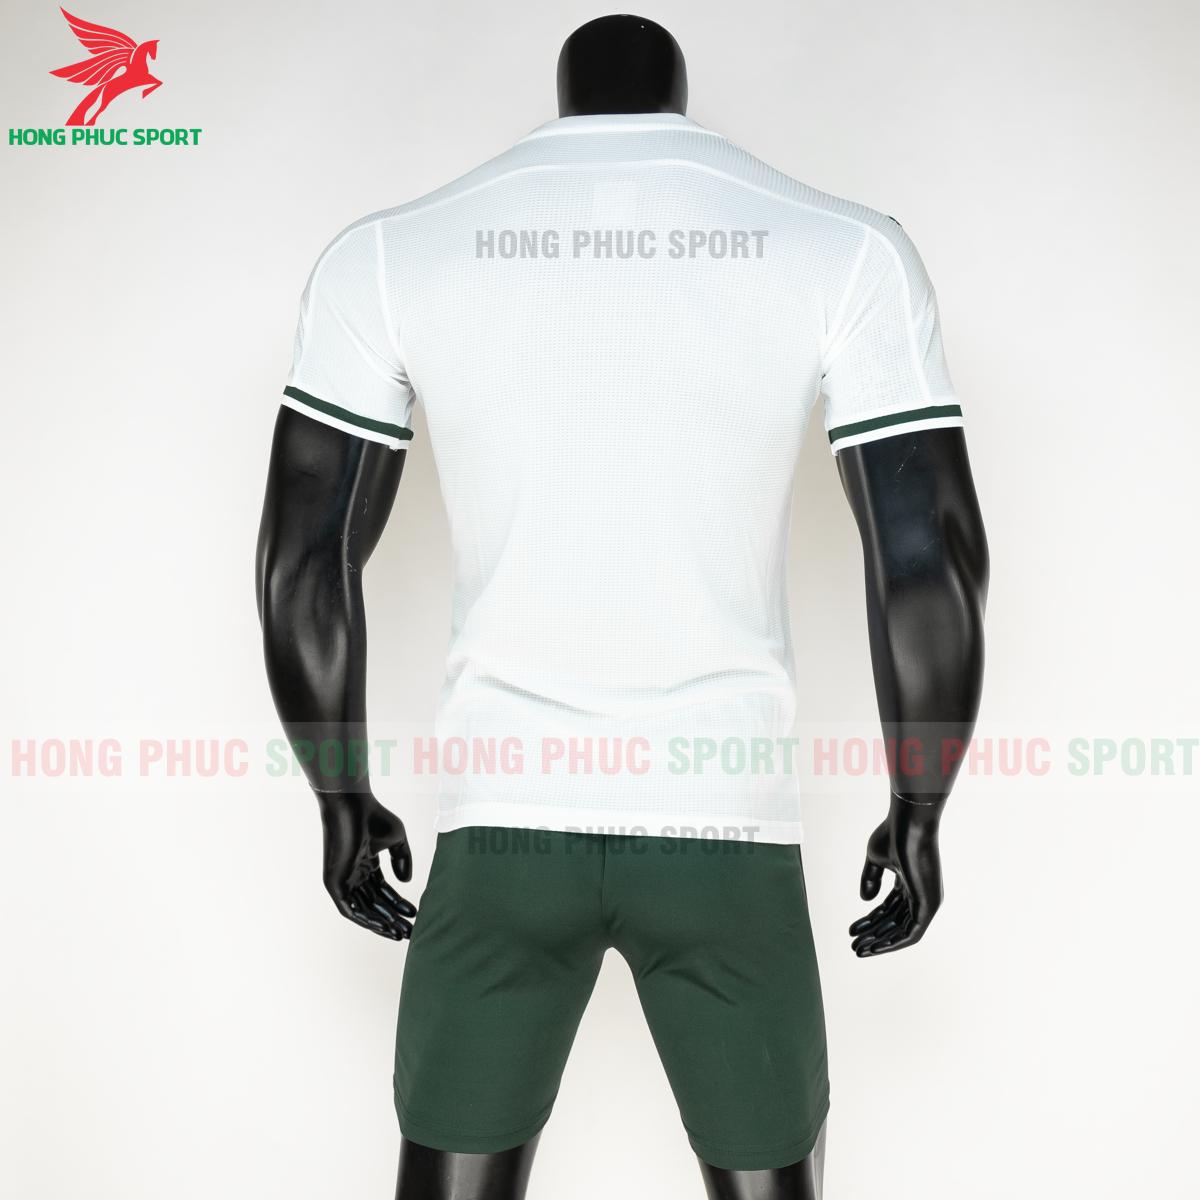 https://cdn.hongphucsport.com/unsafe/s4.shopbay.vn/files/285/ao-bong-da-palmeiras-20-21-san-khach-hang-thailand-8-5faf5b985262c.png